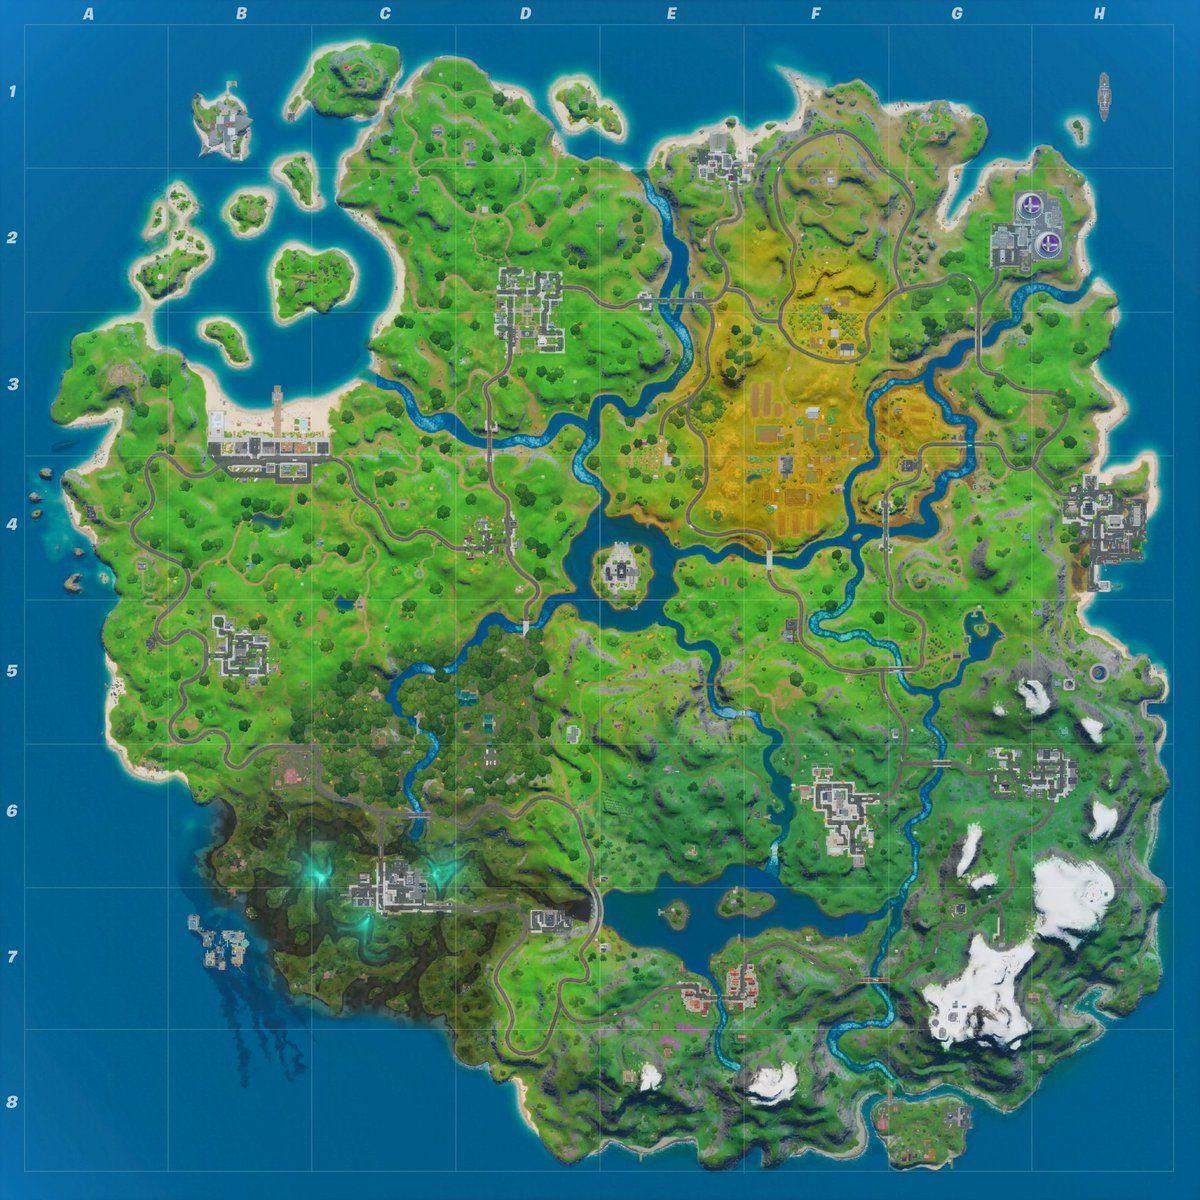 Carte complète Fortnite patch 12.20 Epic Games